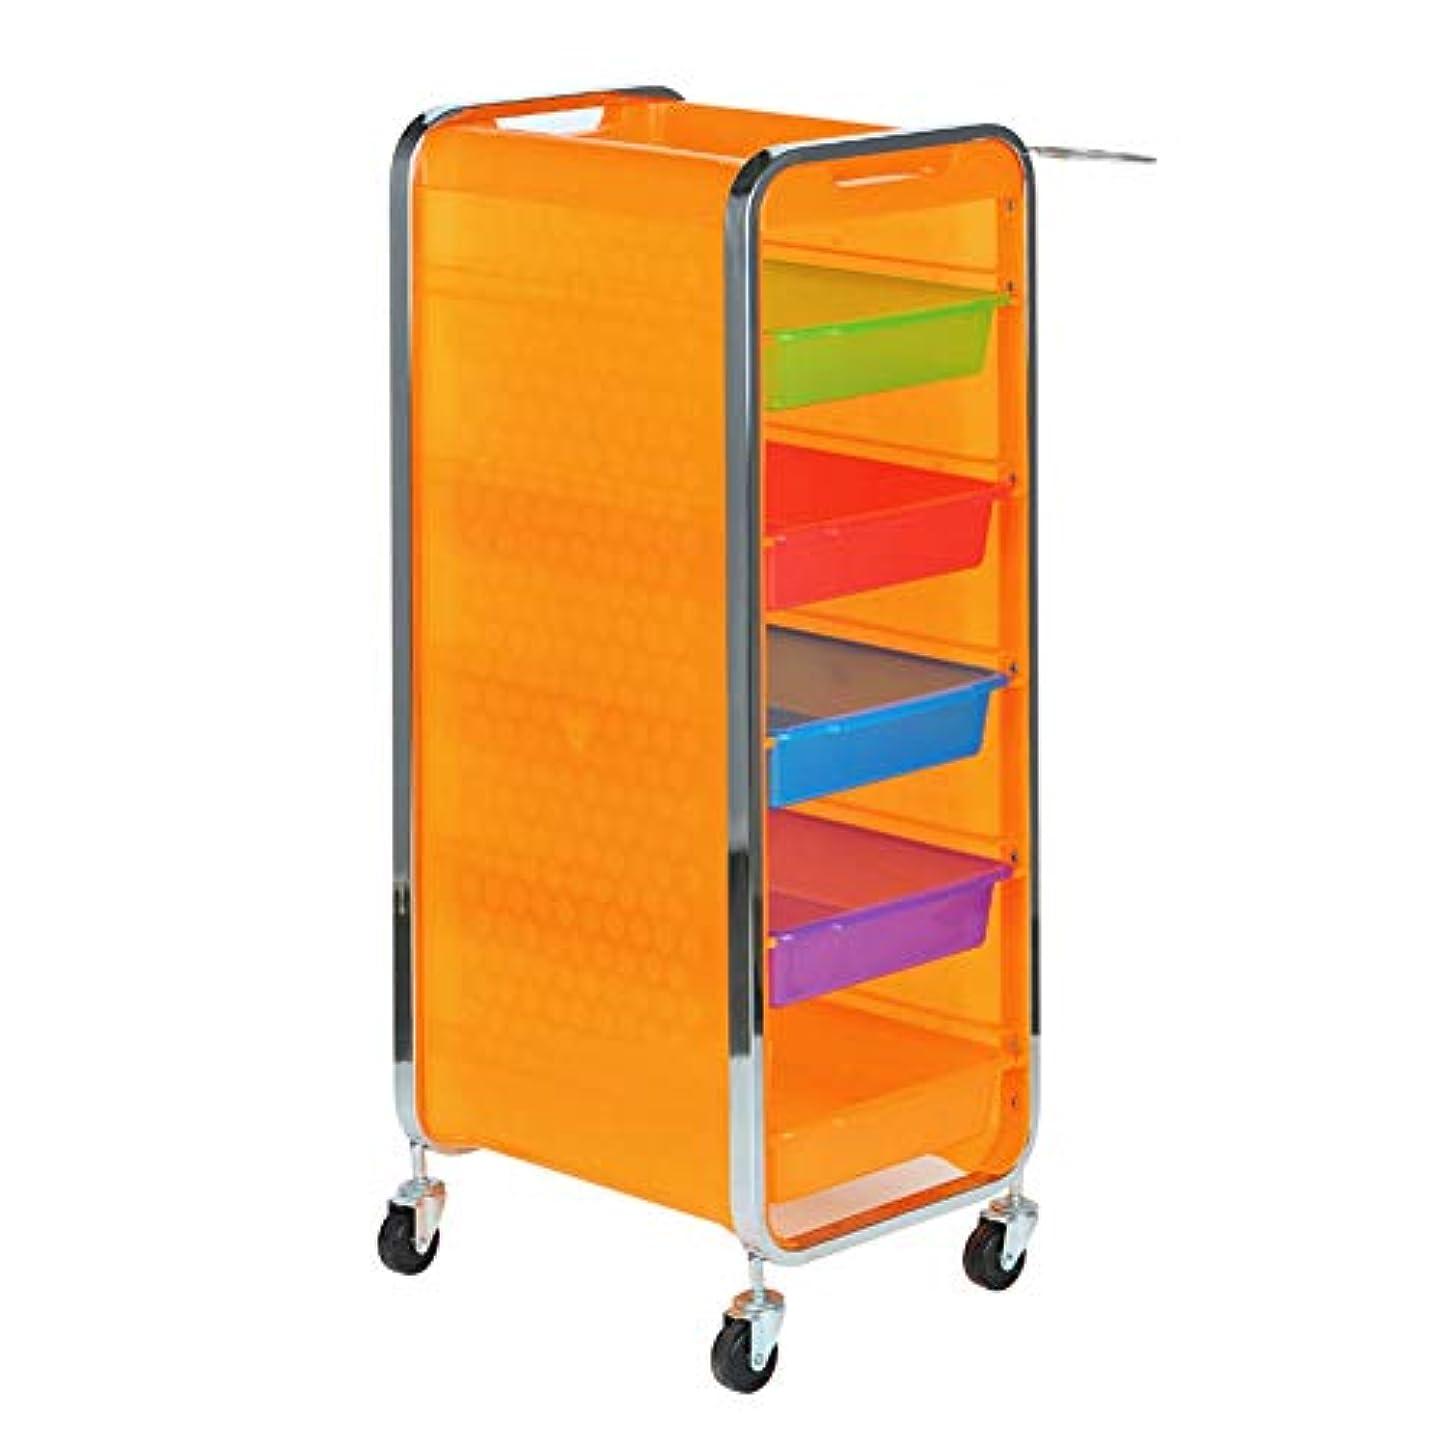 じゃないぶどう取り扱いサロン美容院トロリー美容美容収納カート6層トレイ多機能引き出し虹色,Orange,B